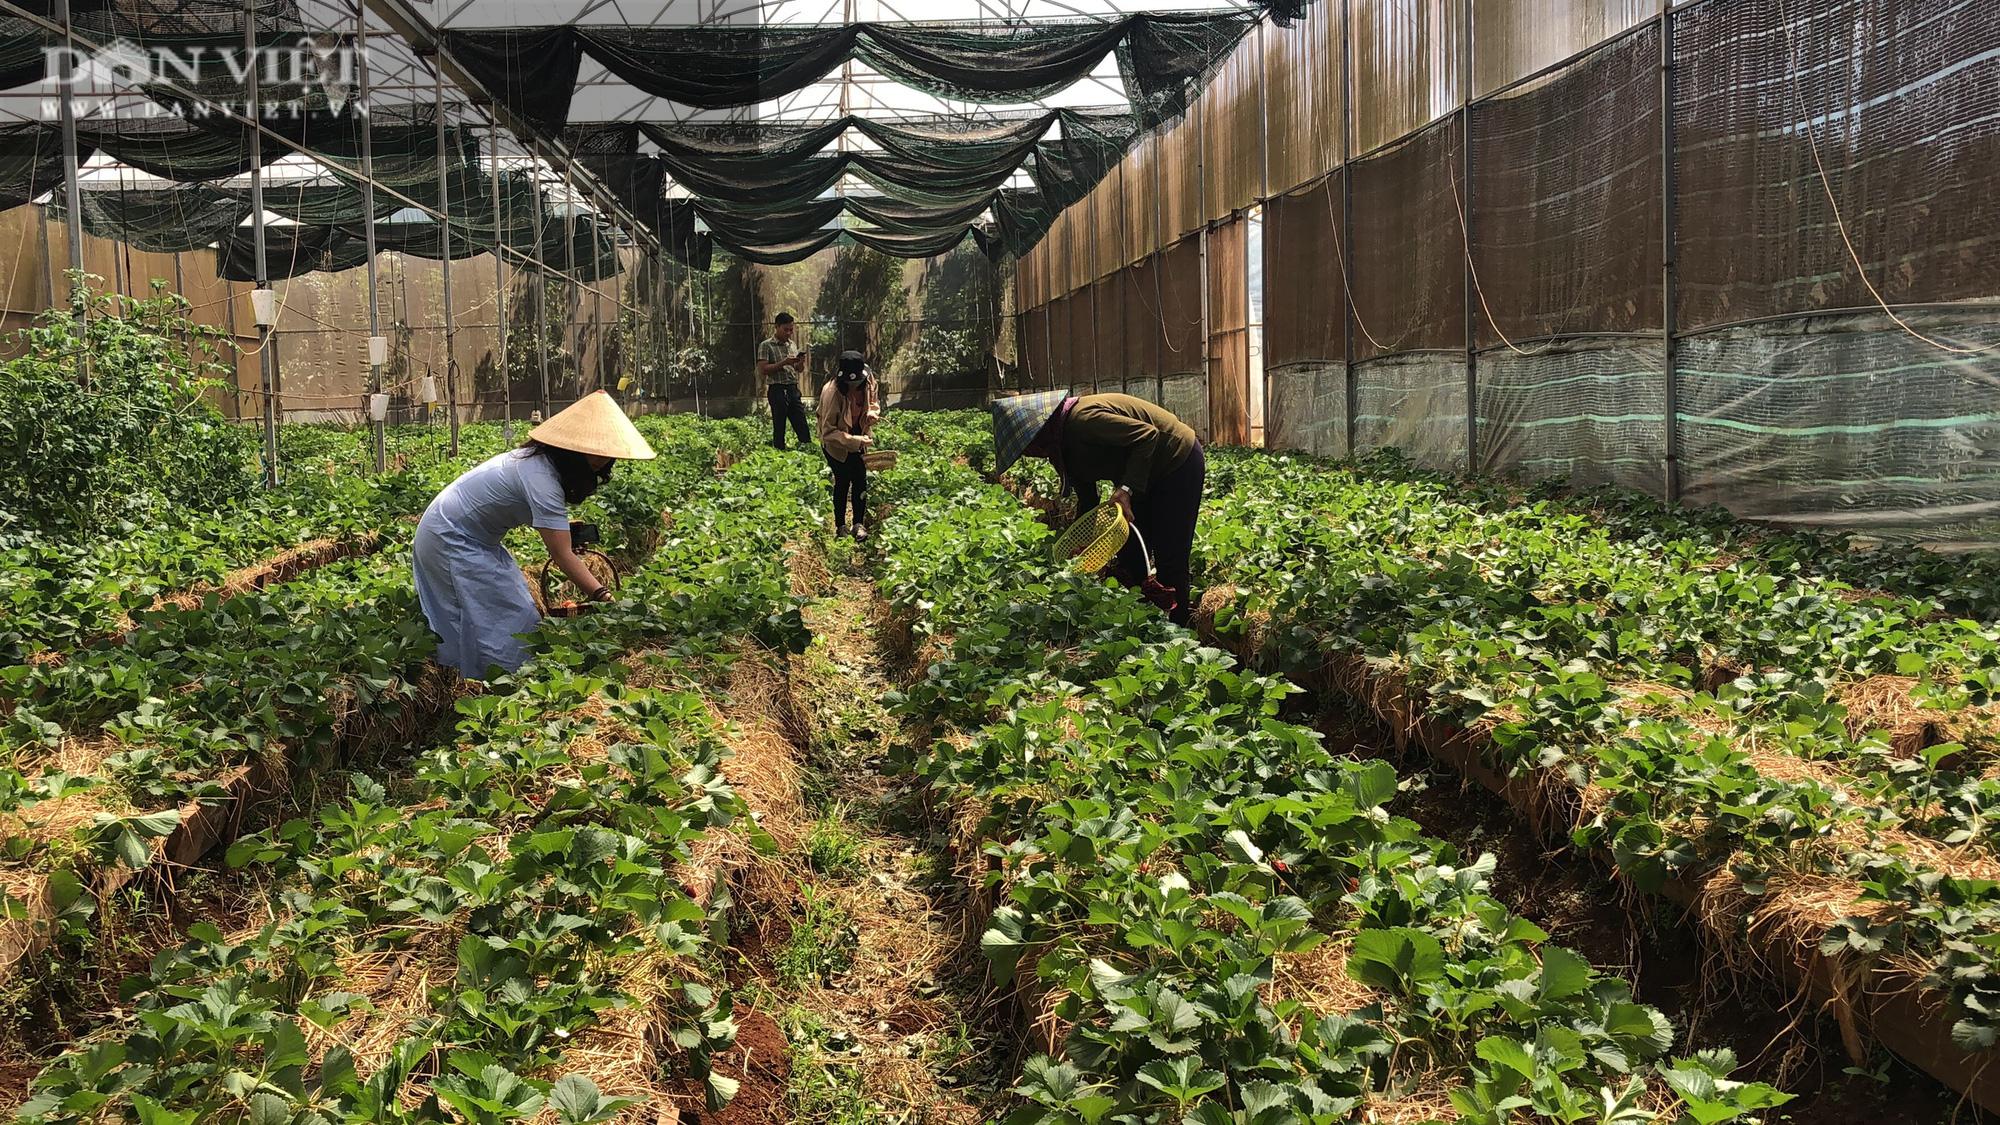 Kỹ sư 8X đánh liều trồng giống dâu lạ, làm 2 vụ đã thu hồi vốn đầu tư ban đầu - Ảnh 1.